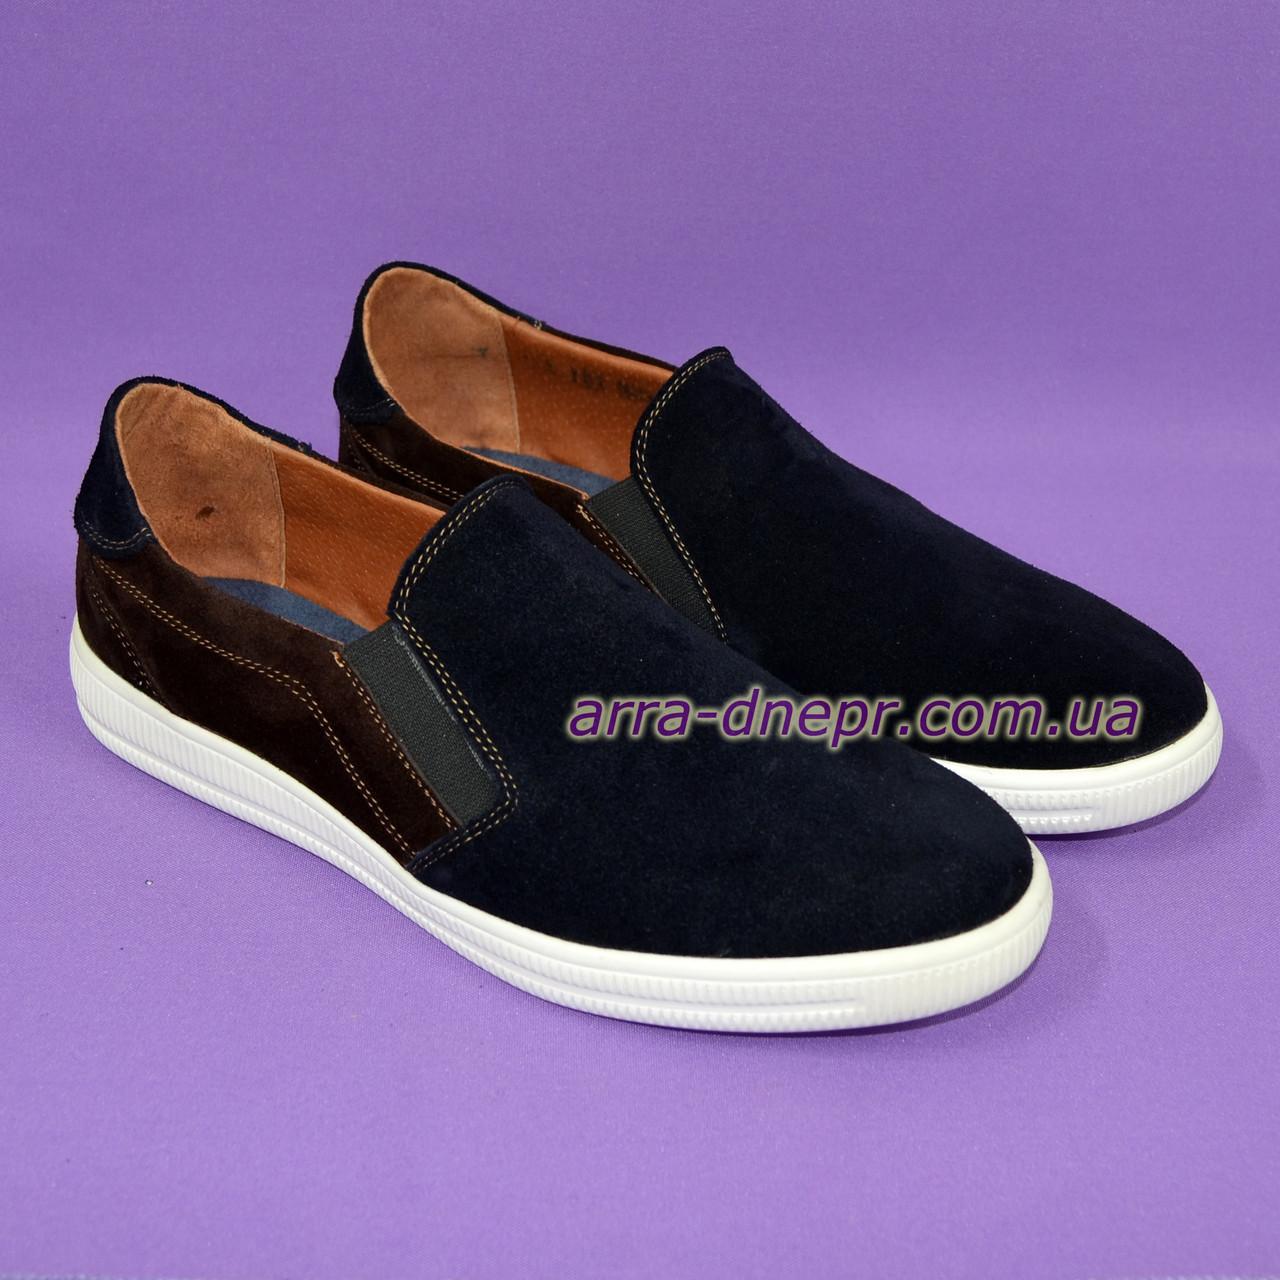 Мужские туфли-мокасины из натуральной замши коричневого и синего цветов, на плоской подошве белого цвета